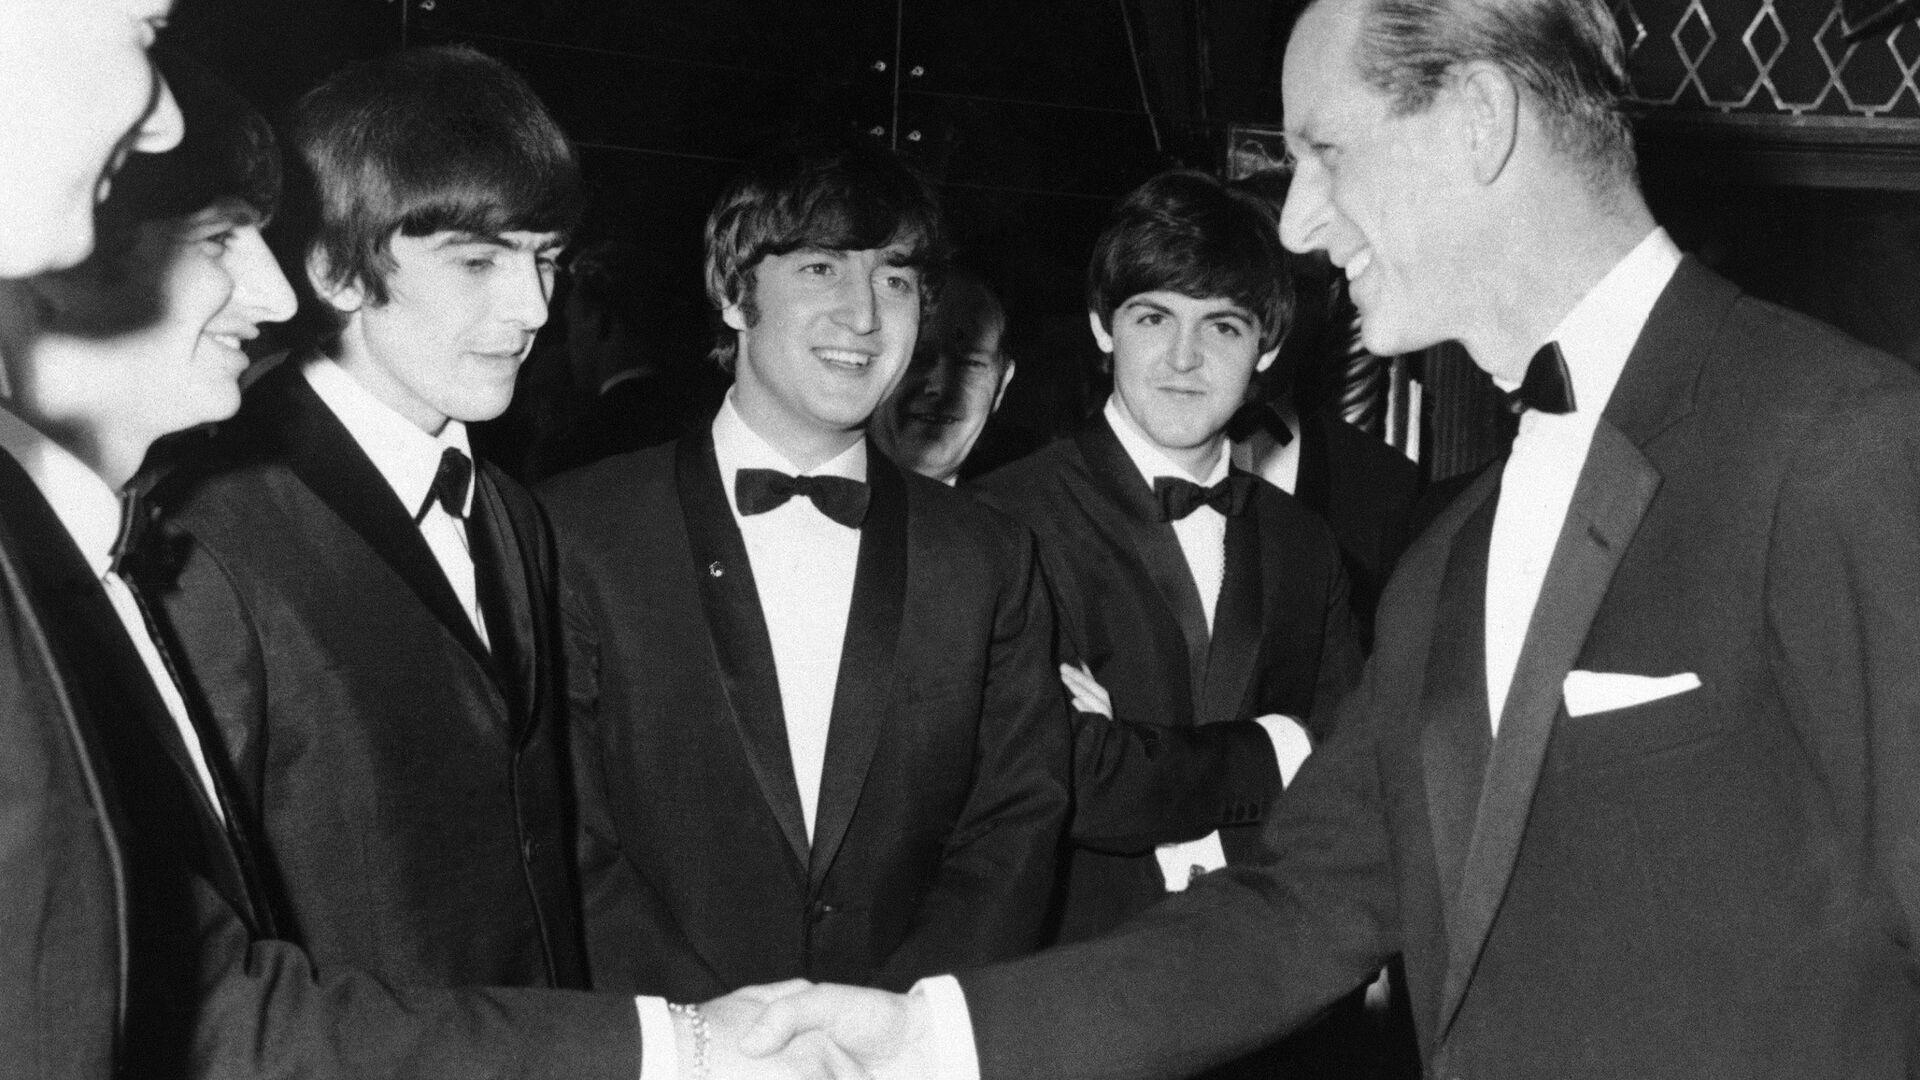 Принц Филипп на встрече с группой The Beatles в Лондоне, 1964 год - Sputnik Ελλάδα, 1920, 14.10.2021